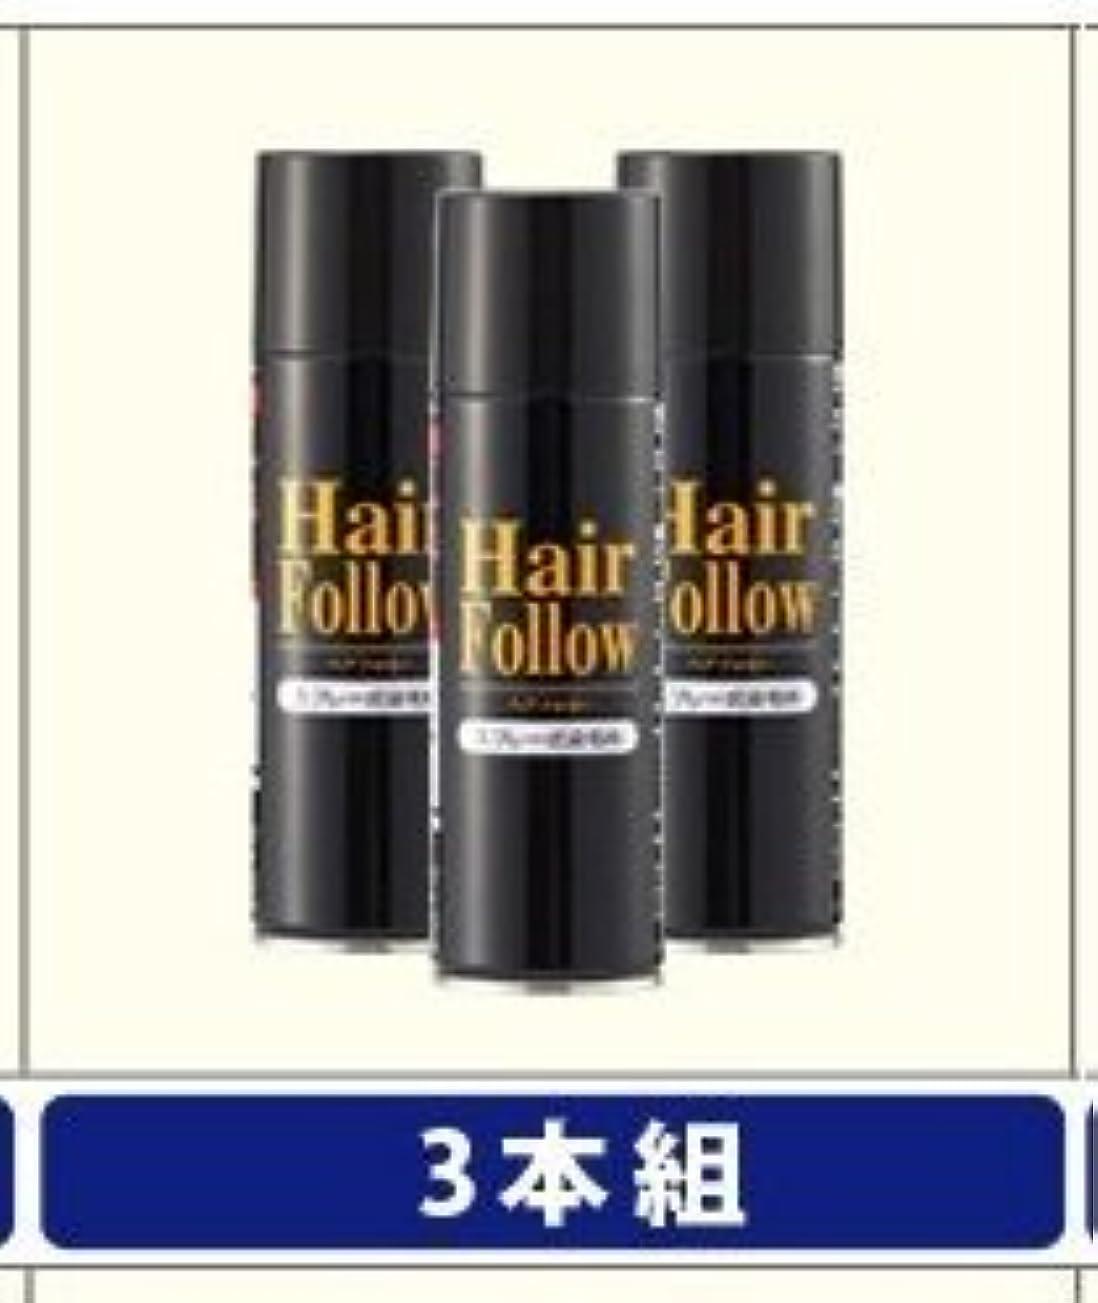 宣言艦隊多用途NEW ヘアフォロー スプレー ブラウン スプレー式染毛料 自然に薄毛をボリュームアップ!薄毛隠し かつら (3本)